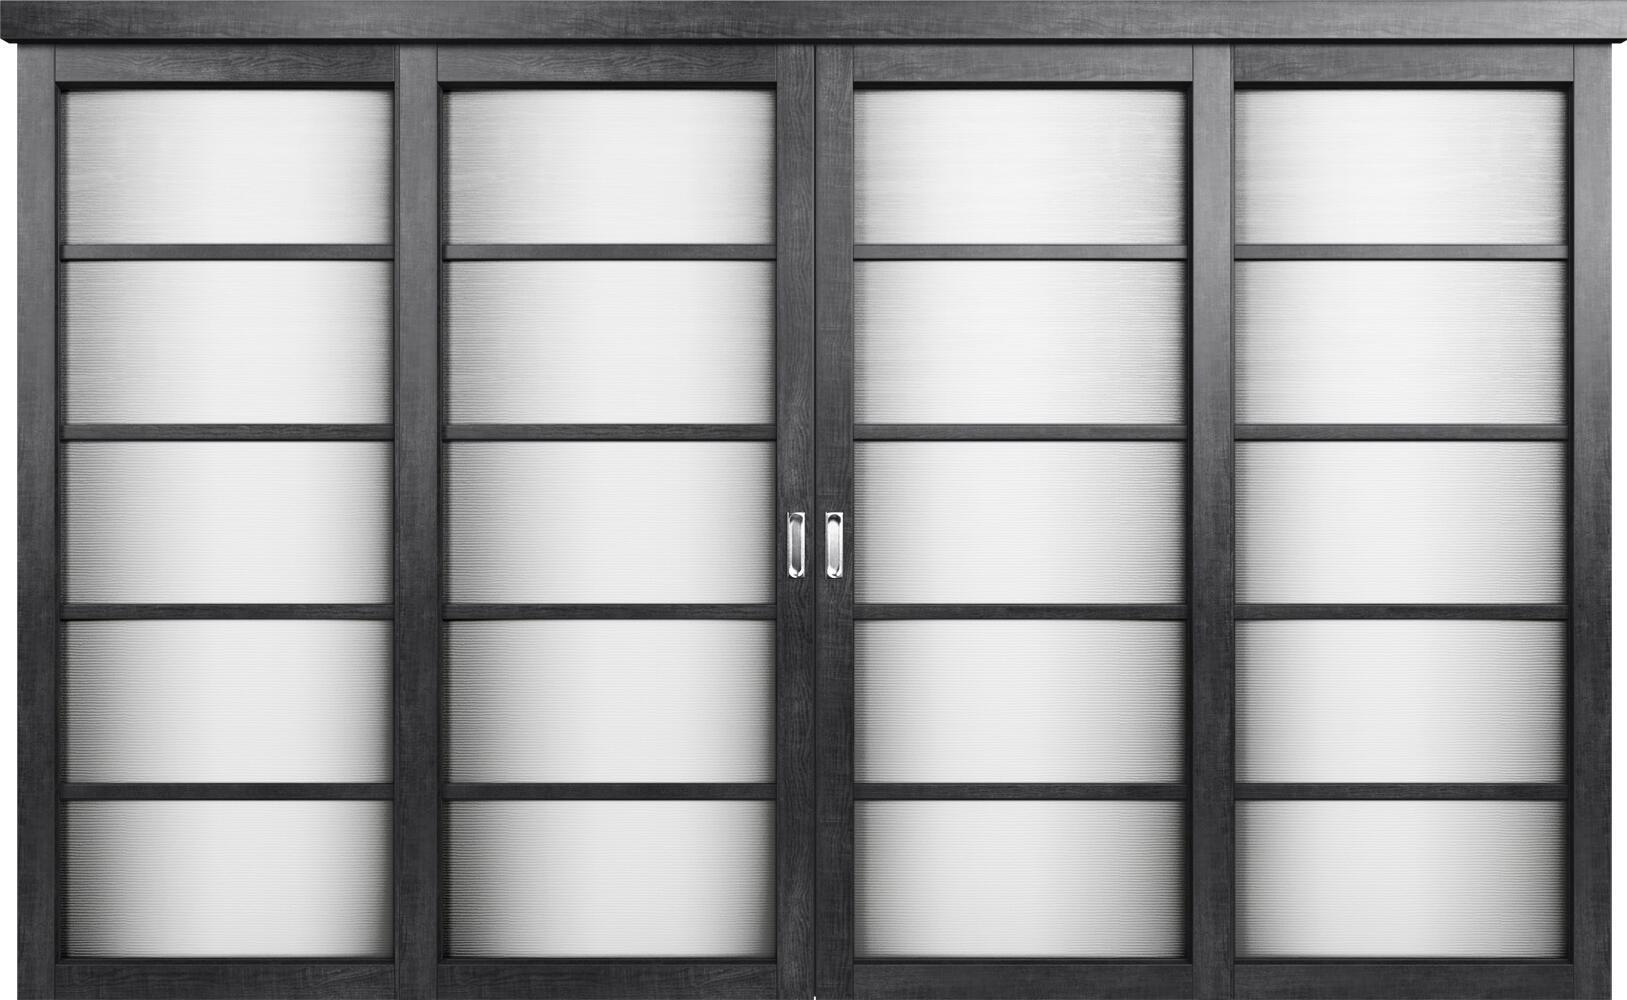 Коллекция Перегородки Двухполосная раздвижная система для 4-х полотен. Тип 1 Венге пепельный + Канны